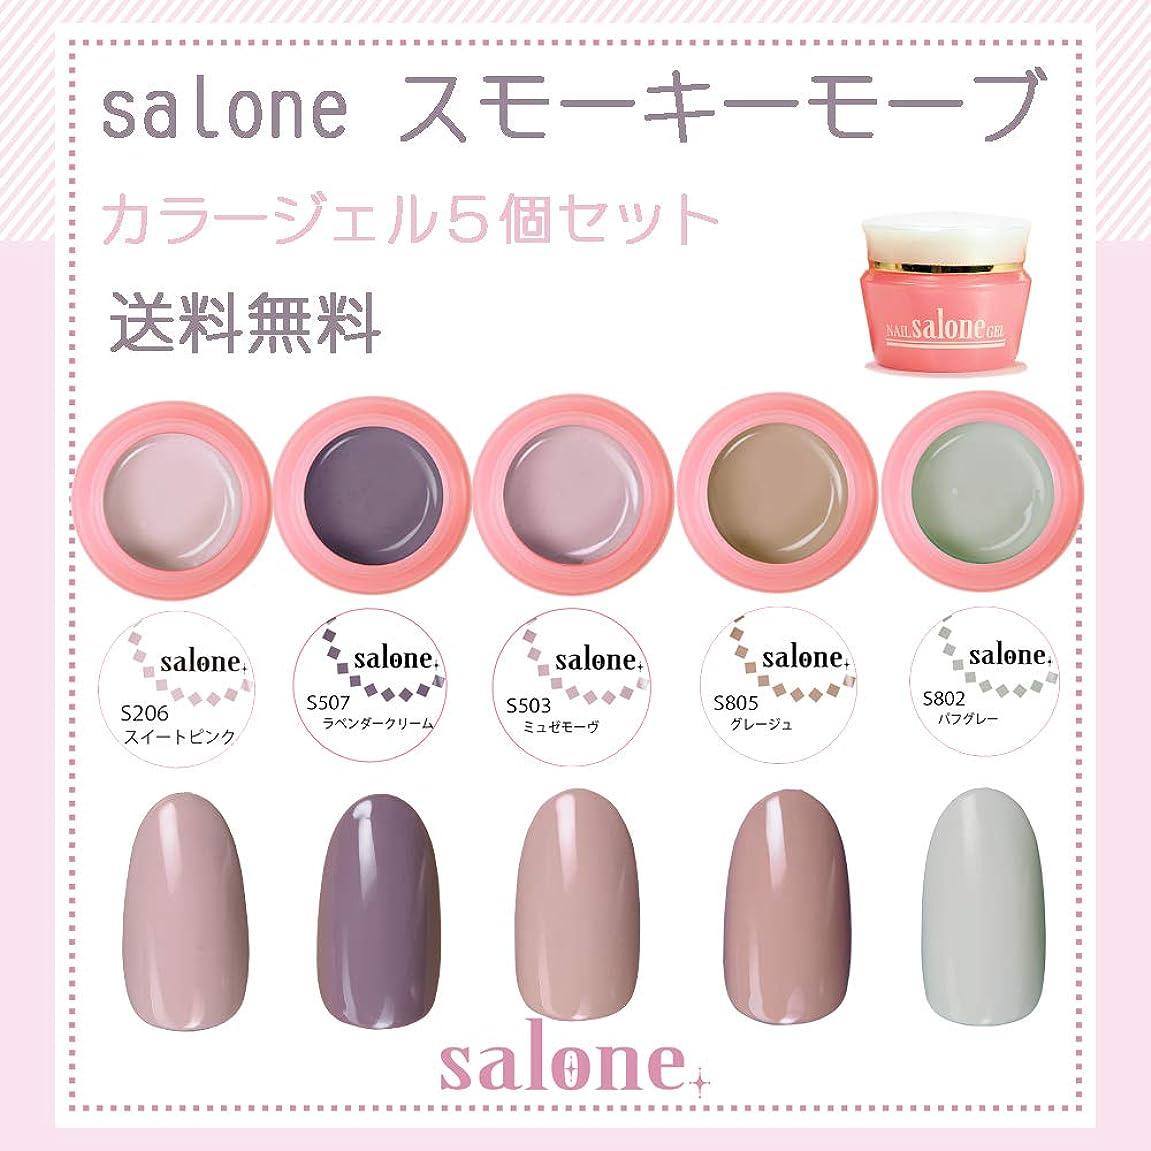 あまりにも敬医学【送料無料 日本製】Salone スモーキーモーブ カラージェル5個セット スモーキーで肌なじみの良い人気カラー